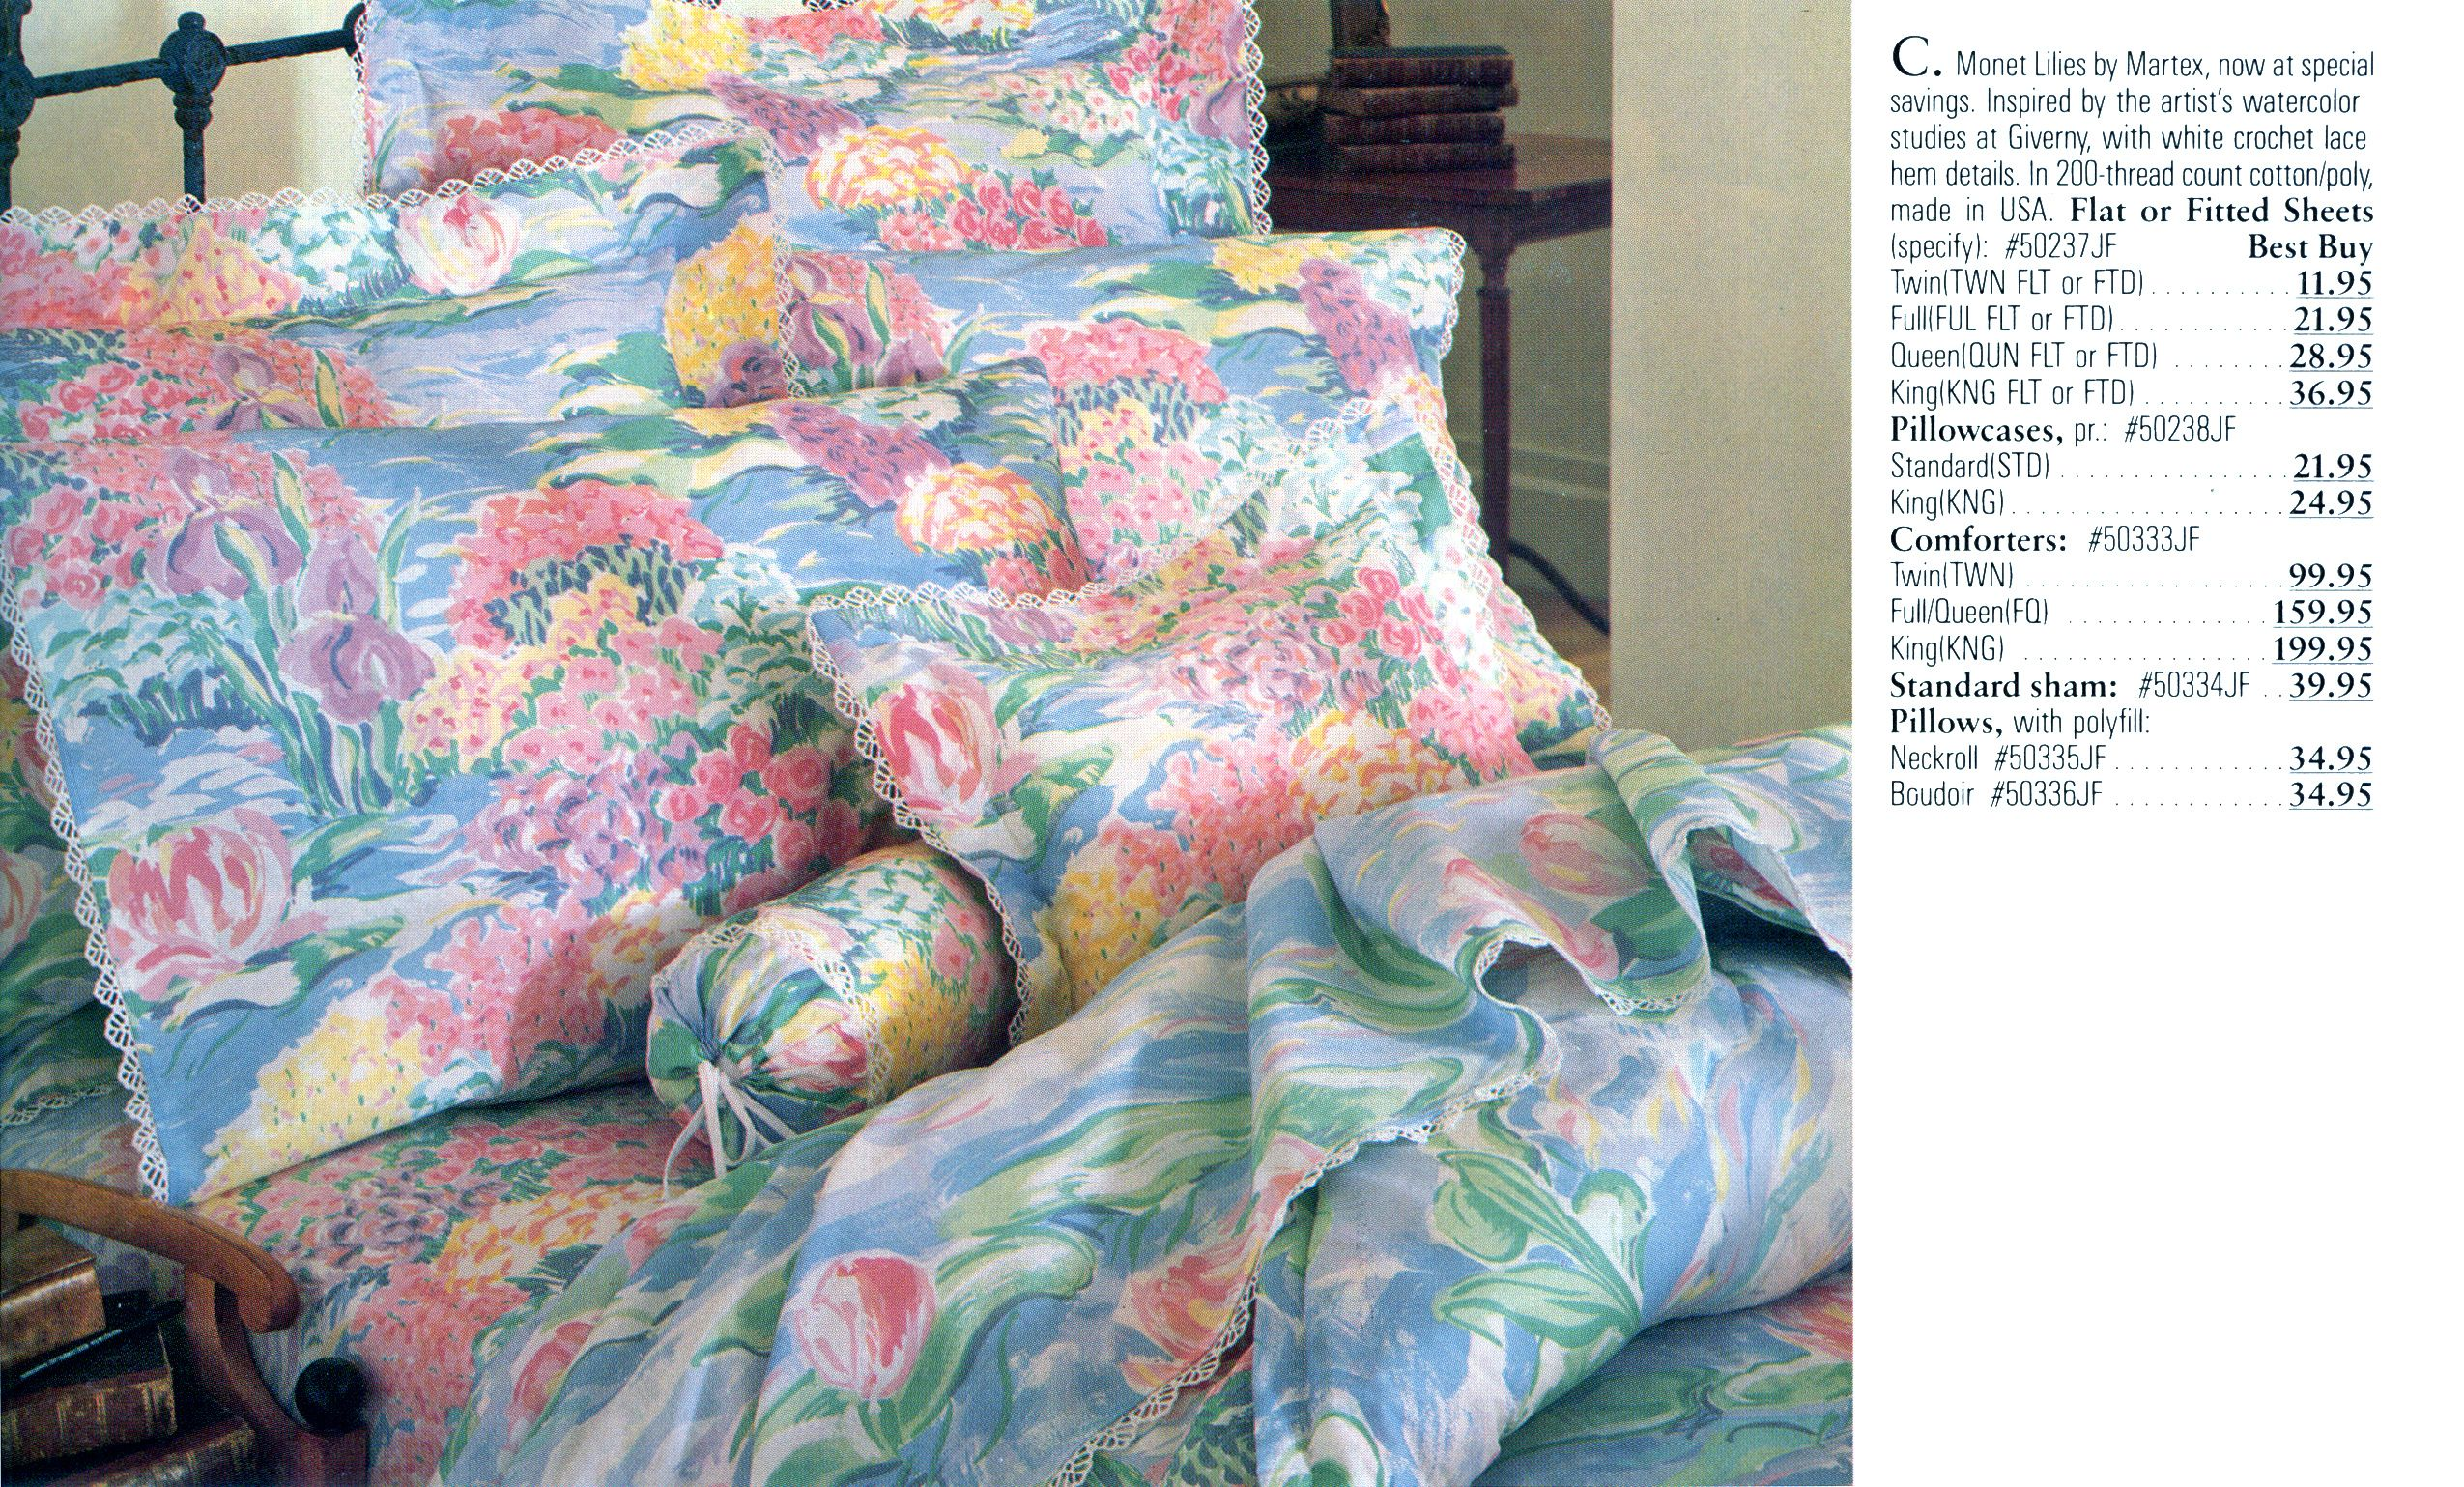 Monet Lilies Bedding Bedding Pinterest